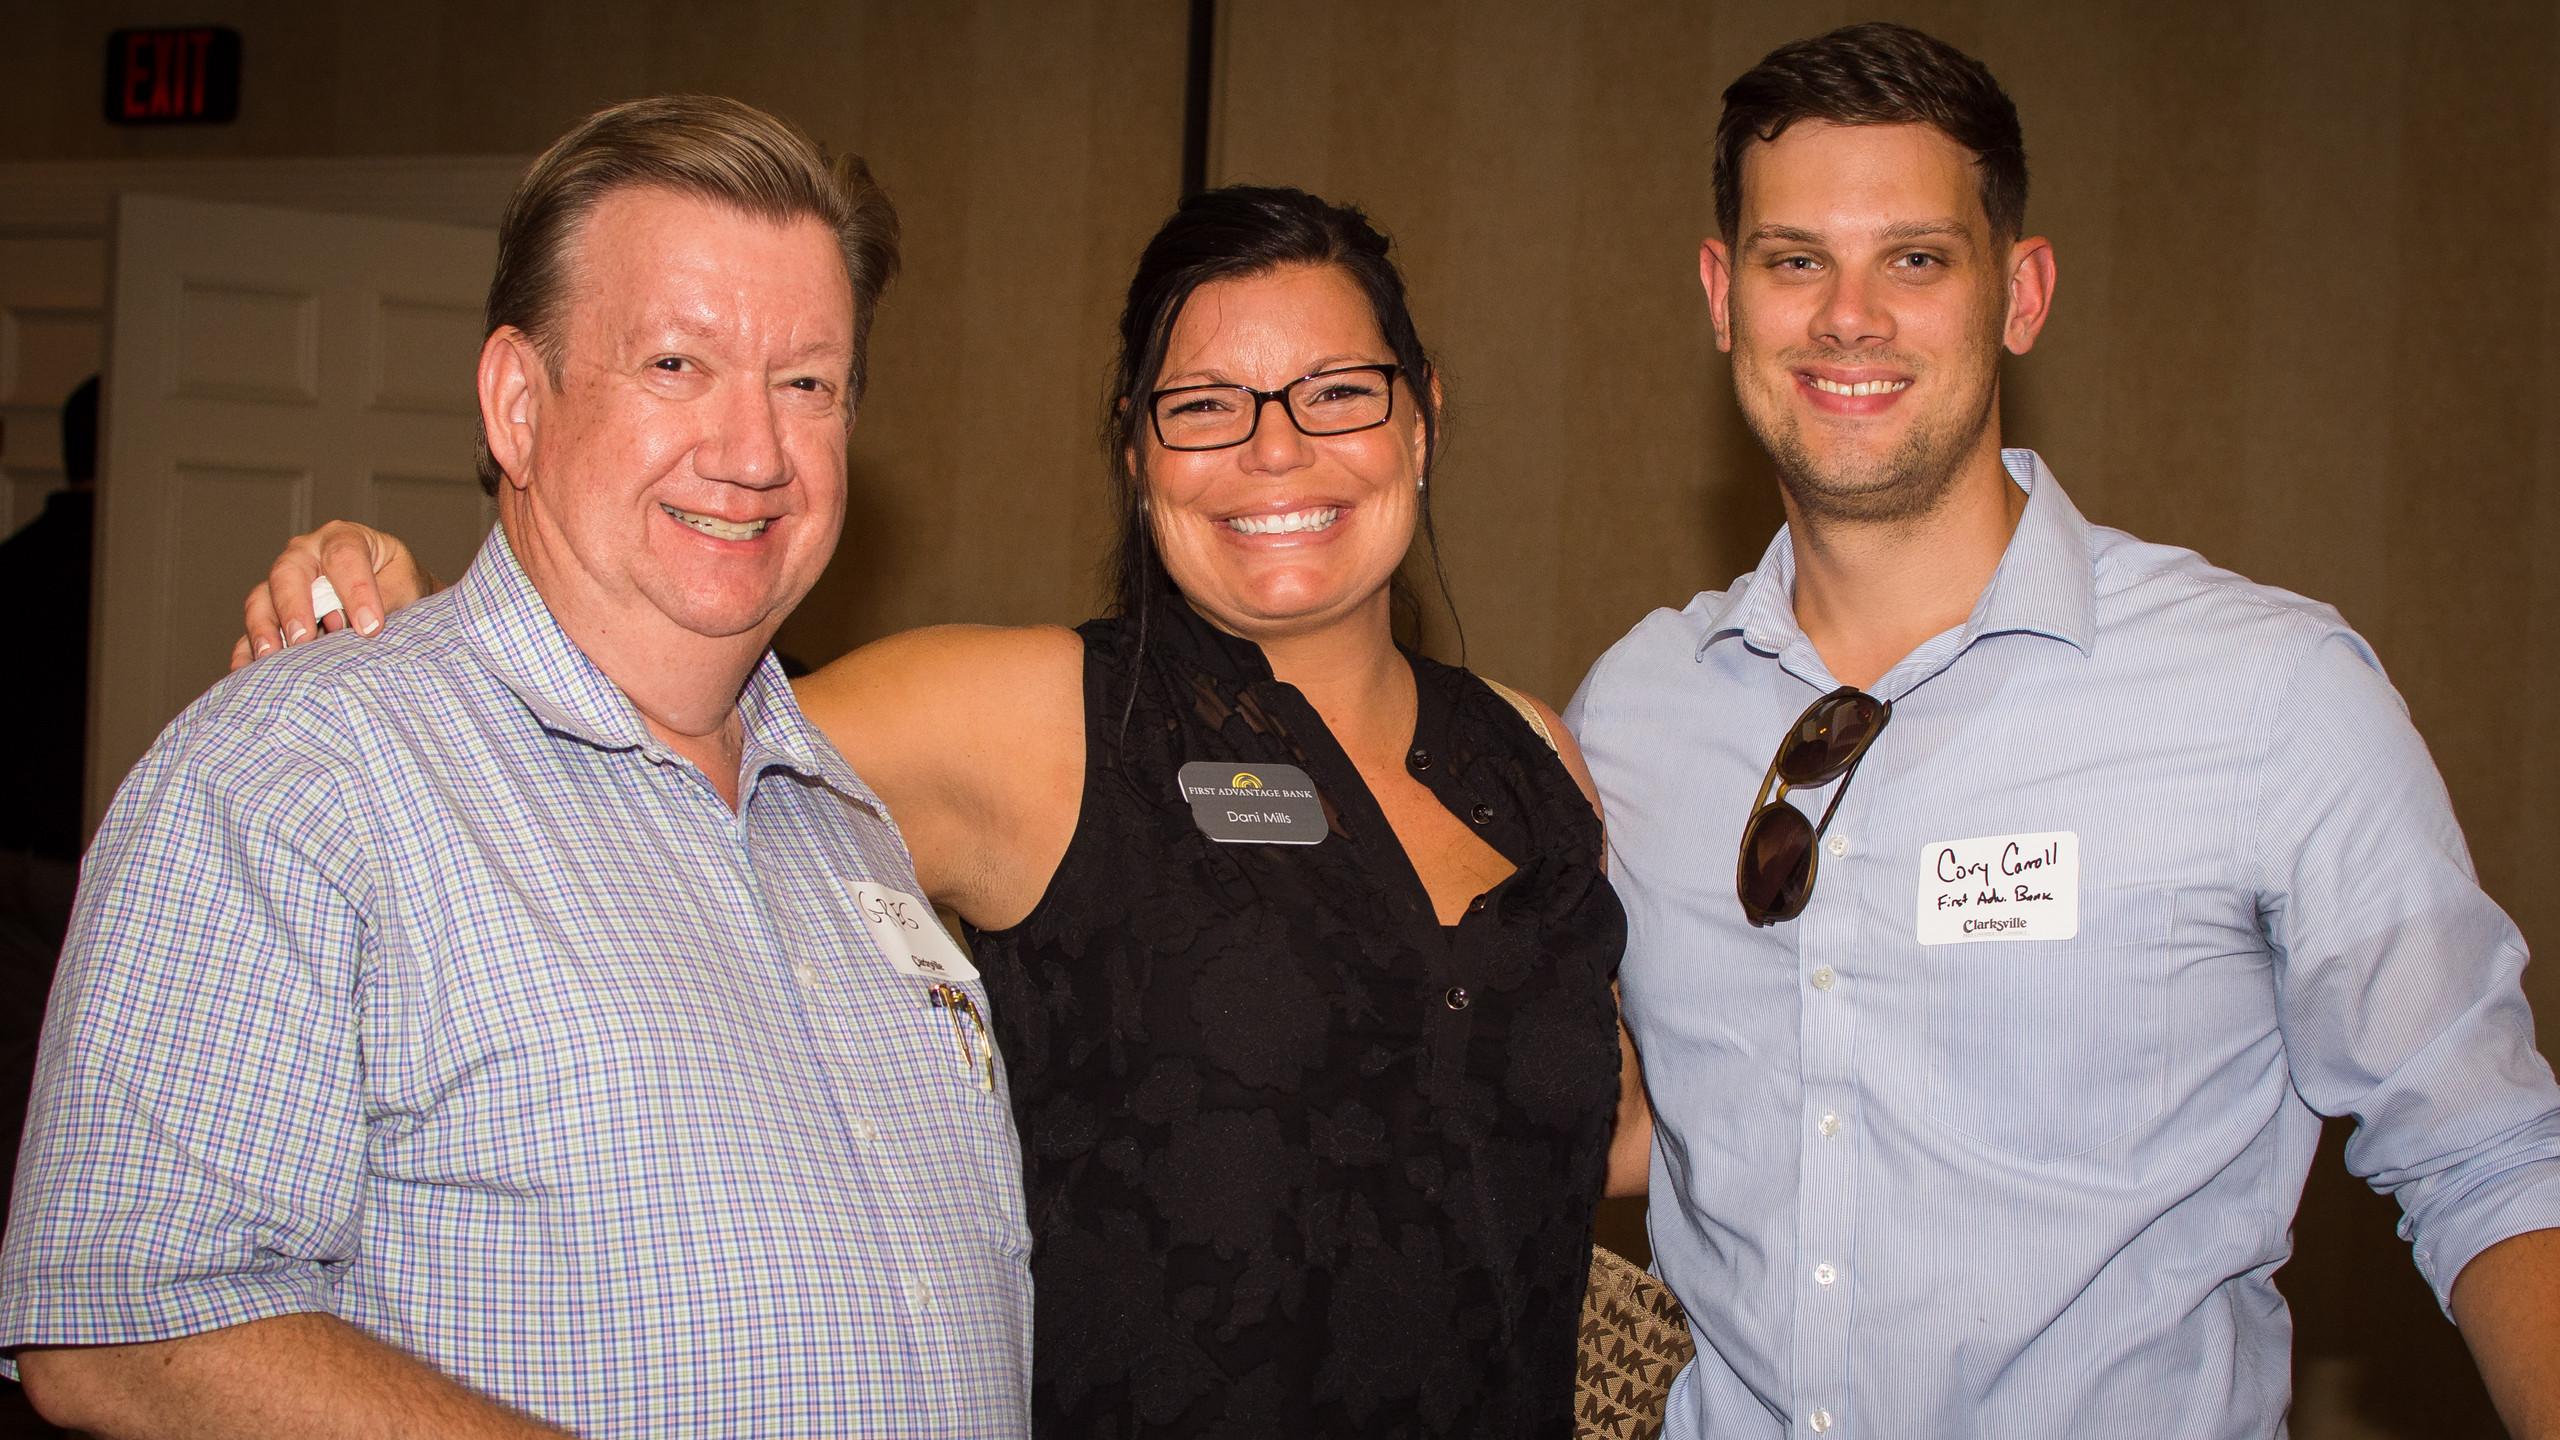 Greg Smith, Dani Mills, and Cory Carroll